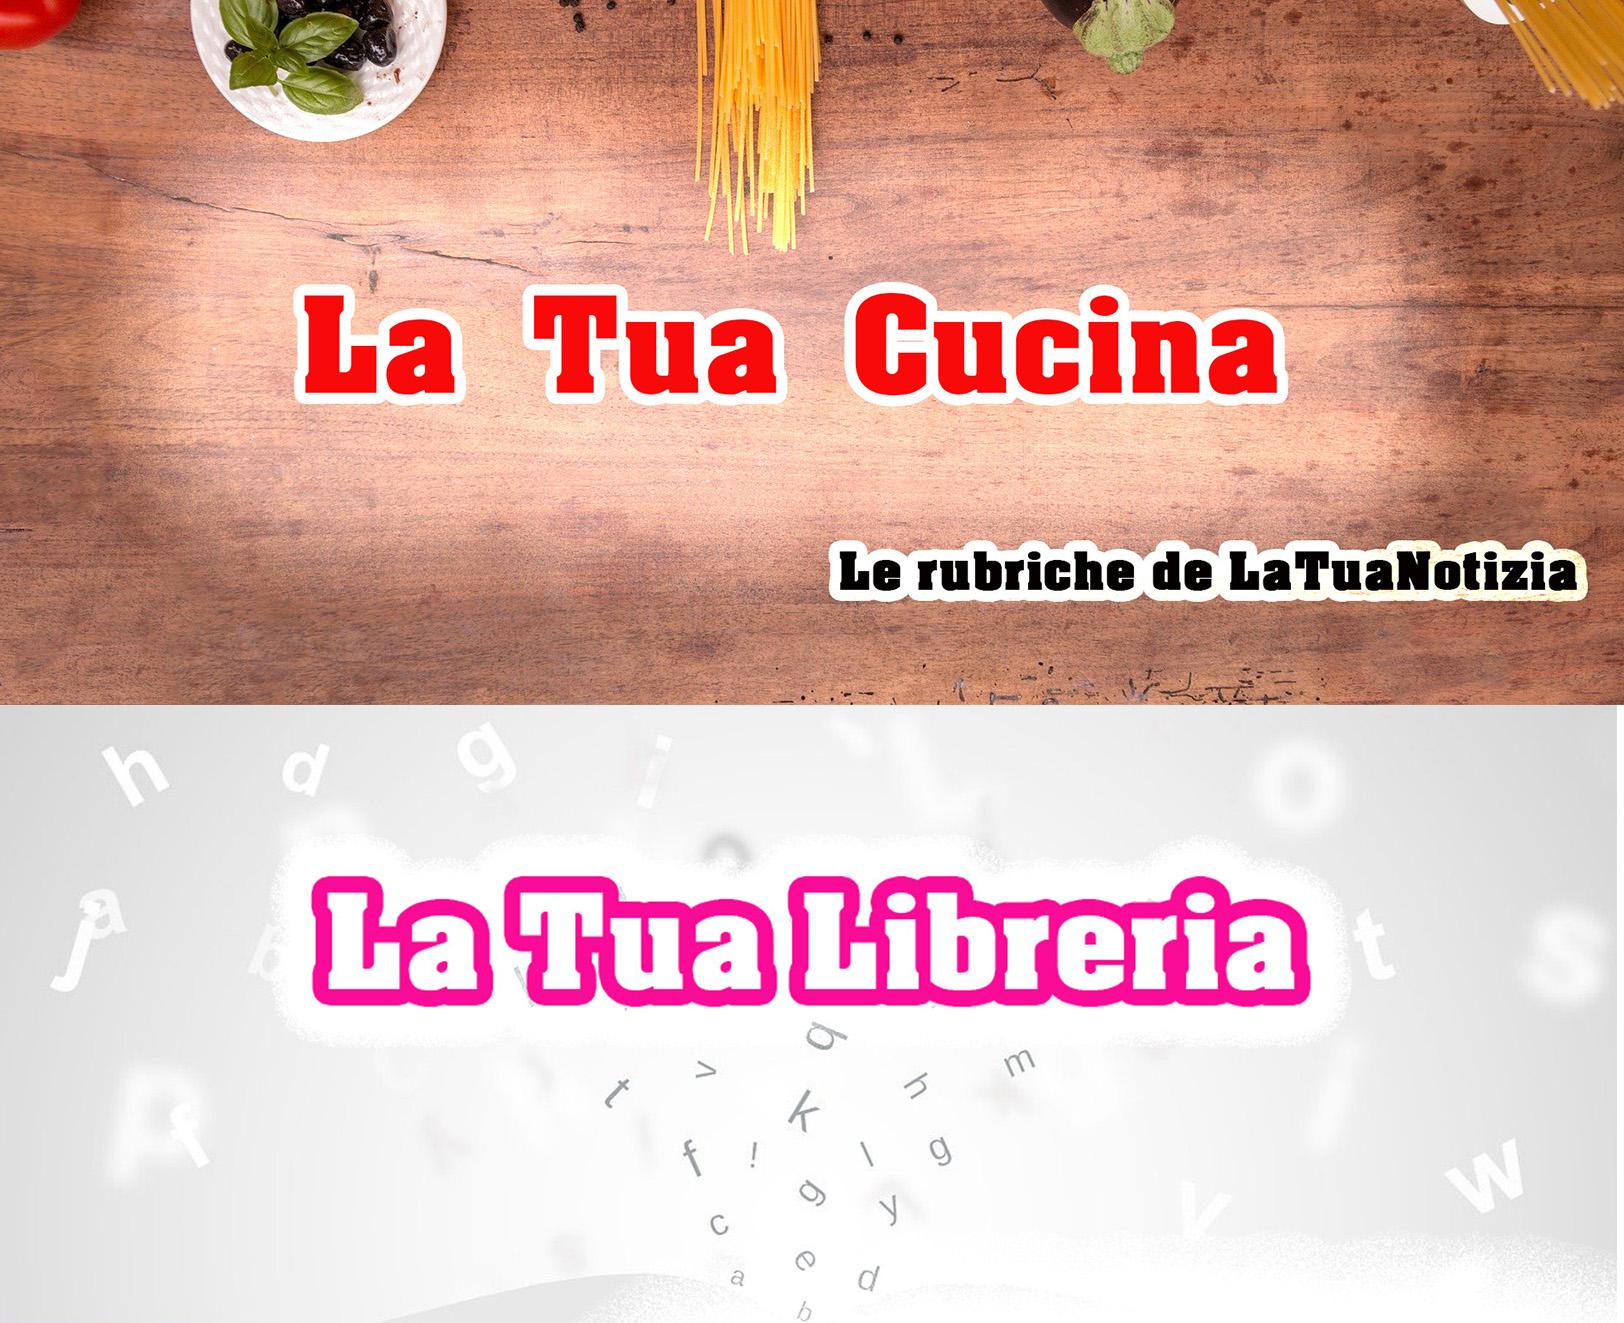 LaTuaCucina e LaTuaLibreria: ecco le nuove rubriche de LaTuaNotizia a un click da te!